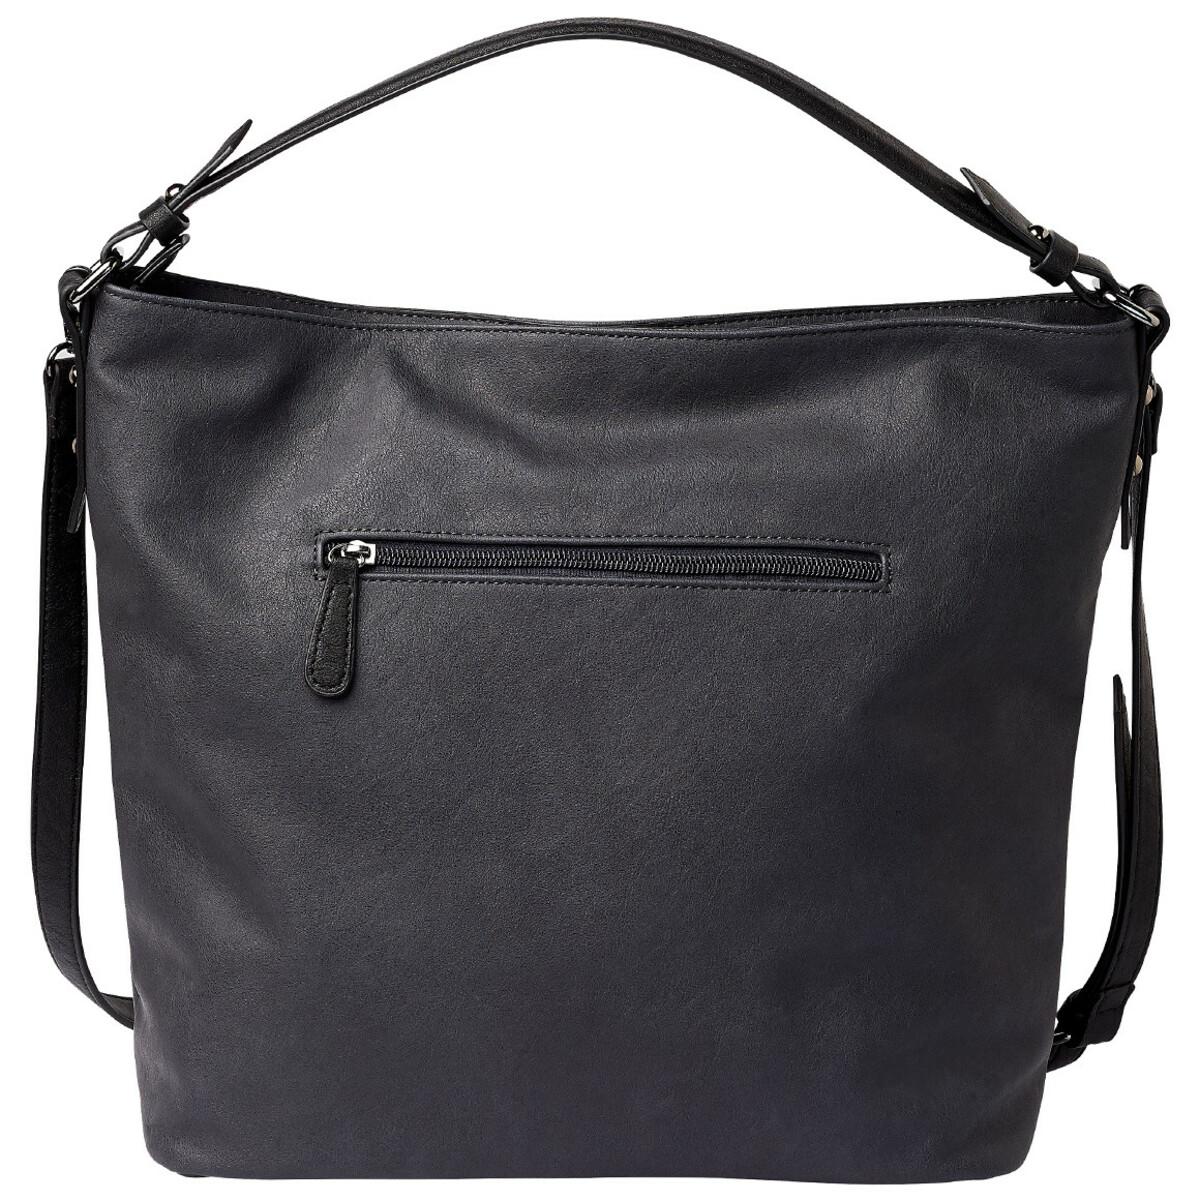 Bild 2 von Damen Tasche mit Stern-Applikation